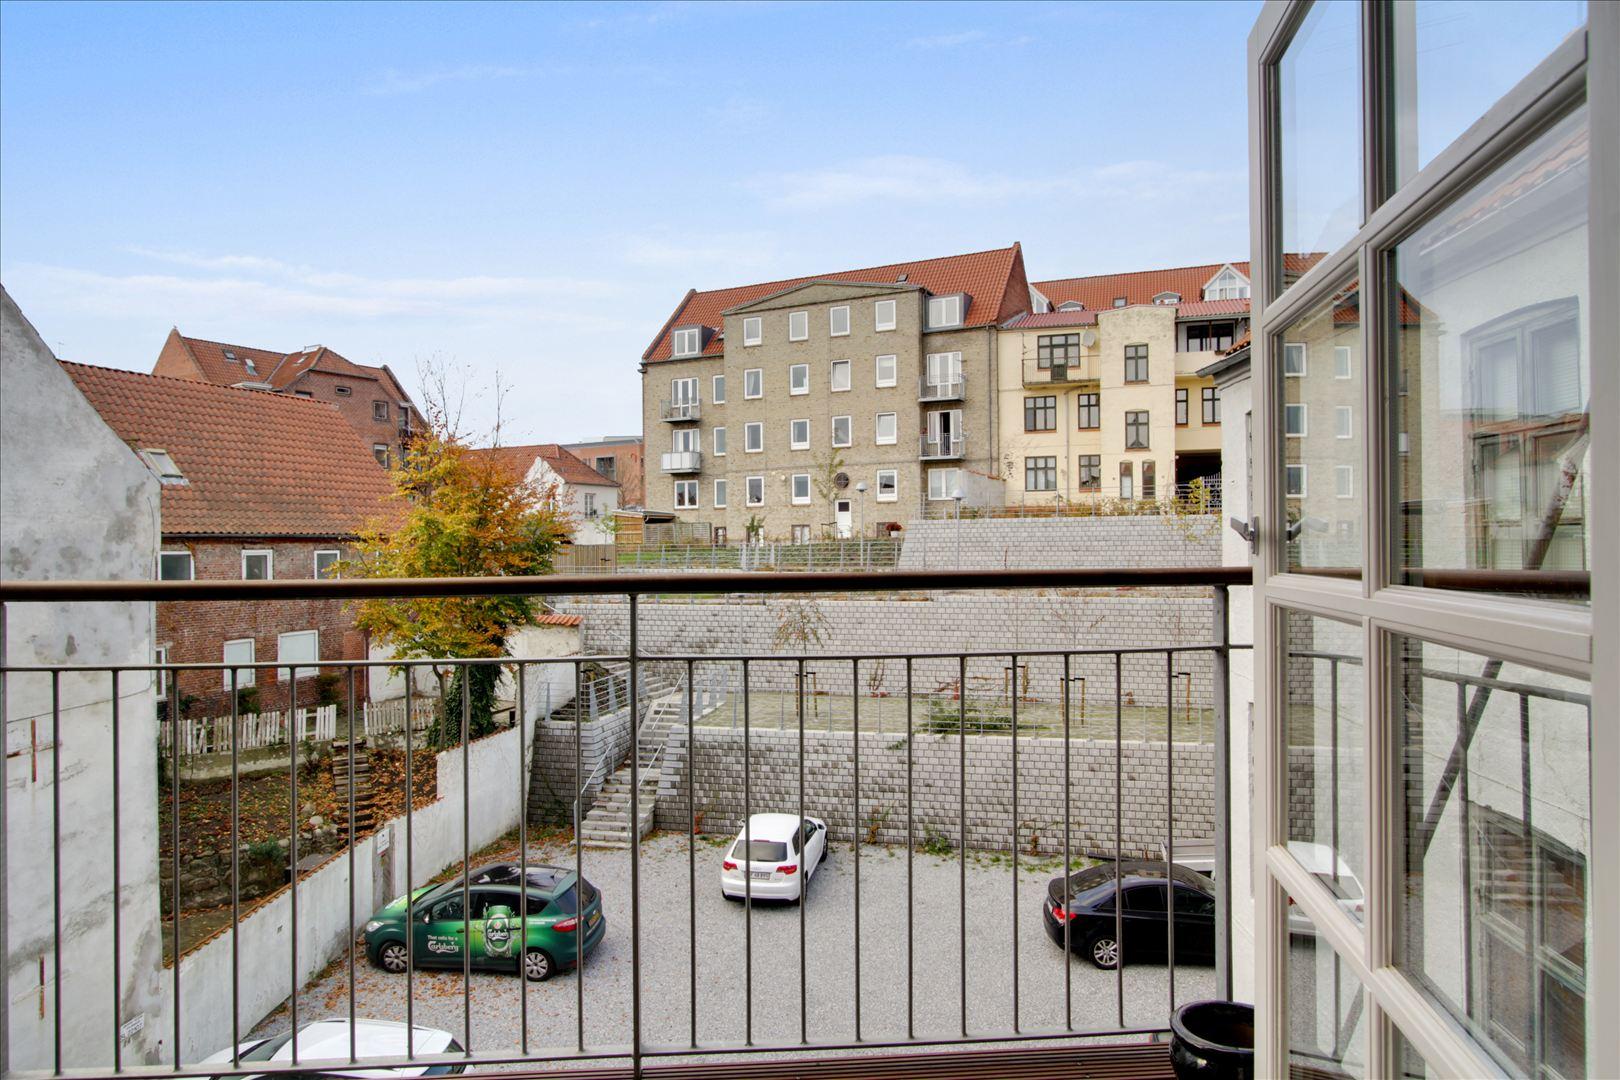 Nyrenoveret gårdmiljø med egen parkeringsplads. Baggården har været en del af et byfornyelsesprojekt i Randers Kommune og indenfor få år forventes en flot grøn baggård med legeplads til de mindste.